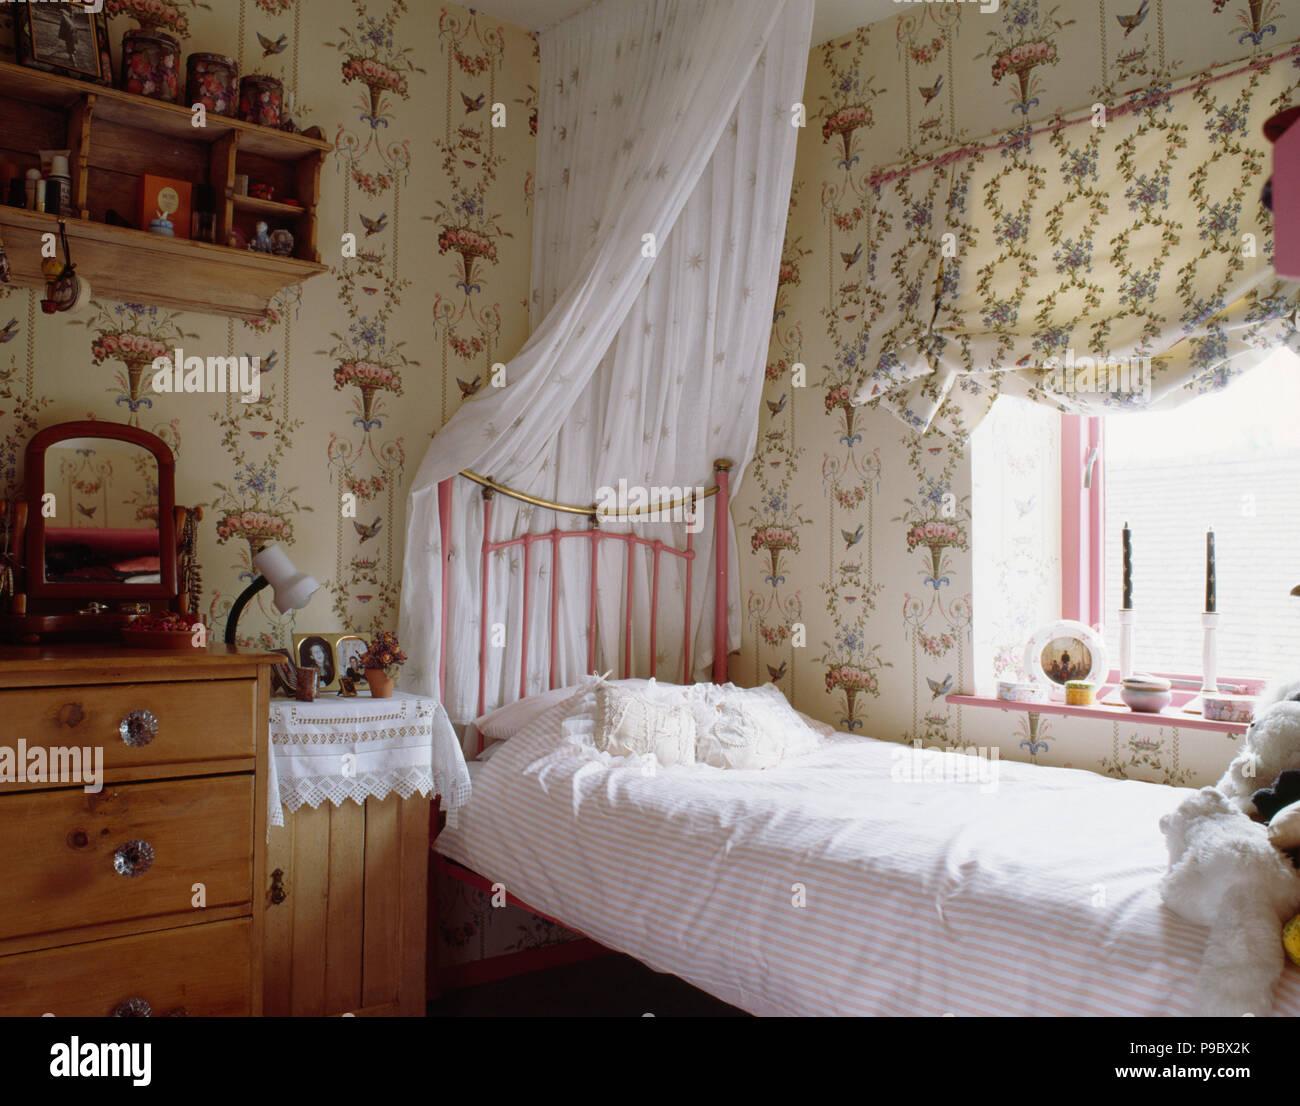 Mustertapeten Und Blind In Teenager Madchen Schlafzimmer Mit Weissen